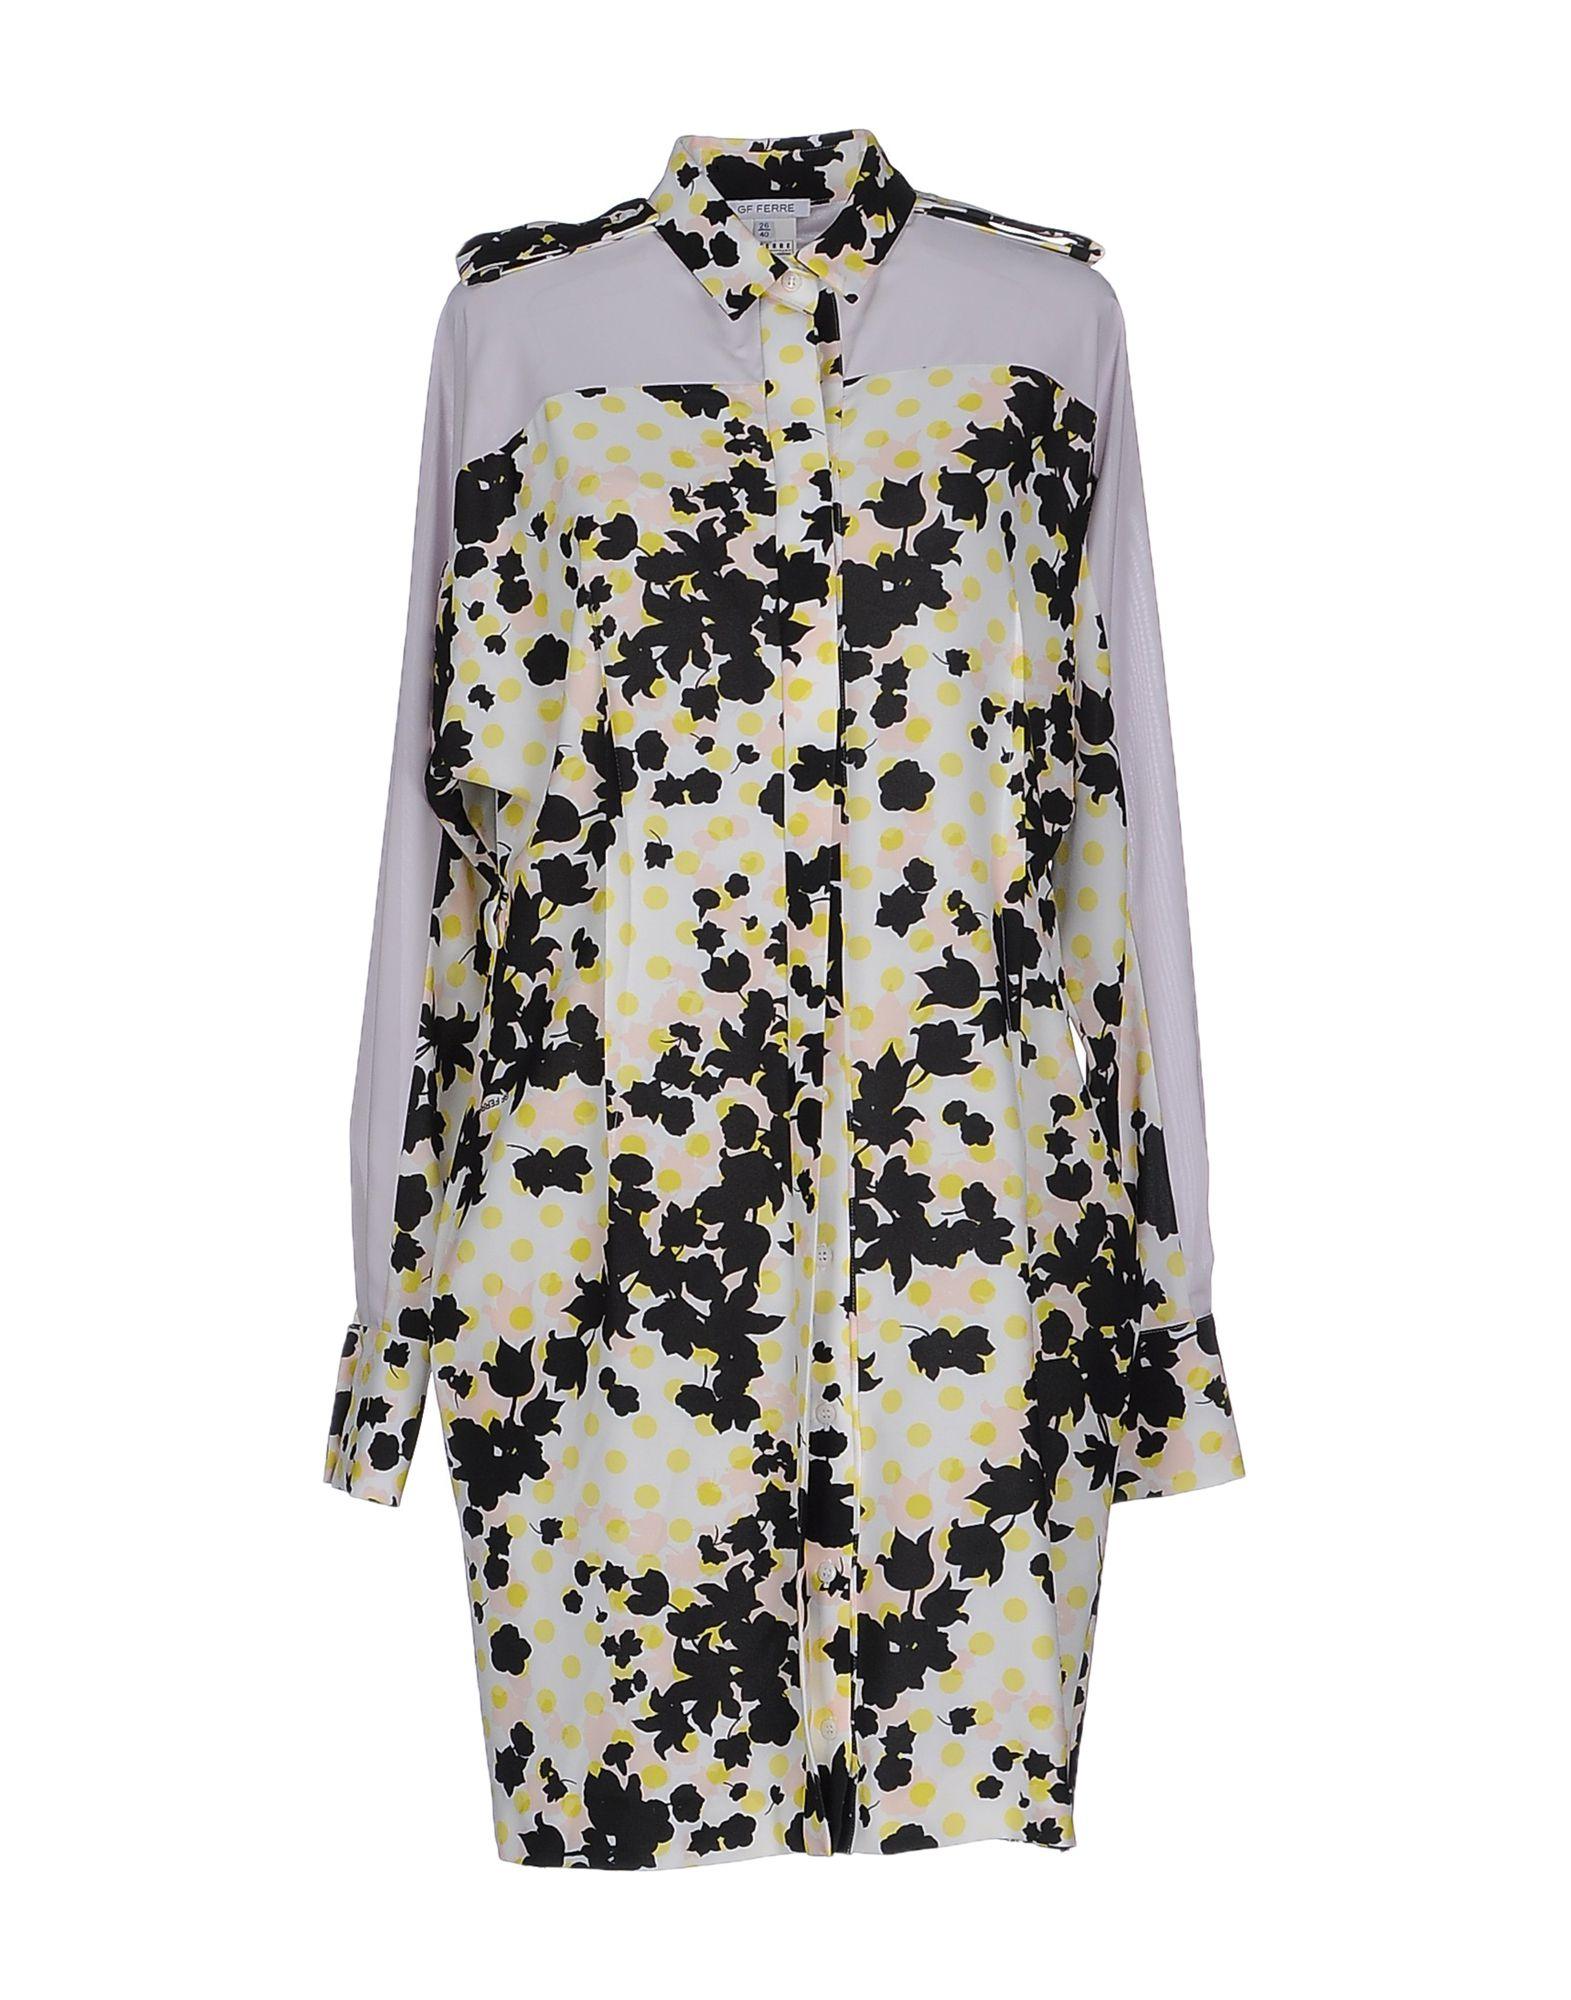 GF FERRE' Короткое платье приталенное платье с застежкой на пуговицы пояс gf ferre приталенное платье с застежкой на пуговицы пояс